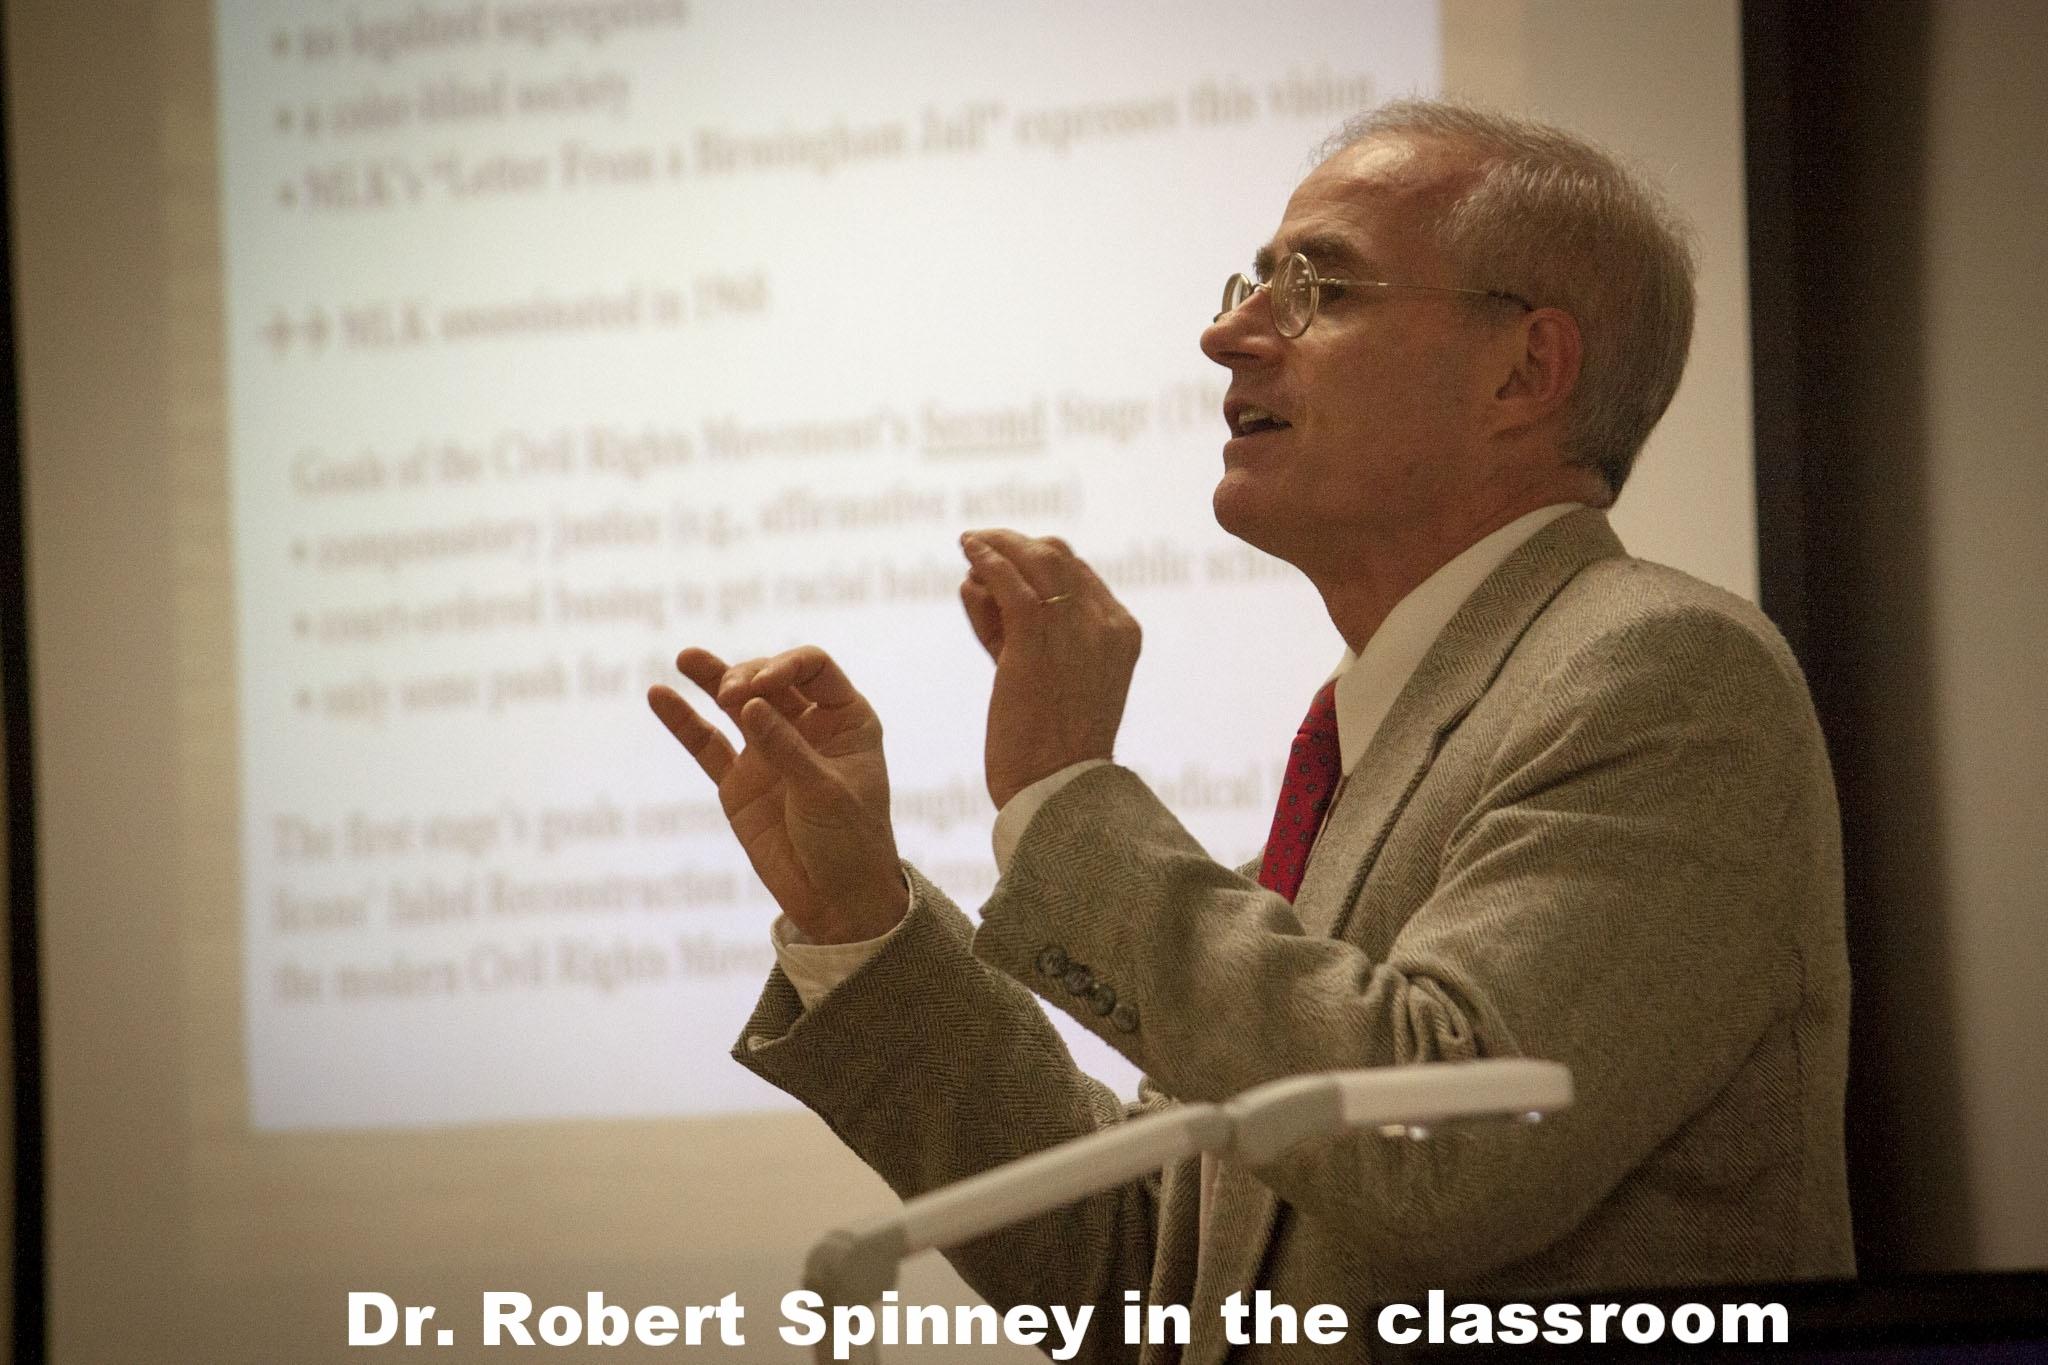 Dr. Spinney